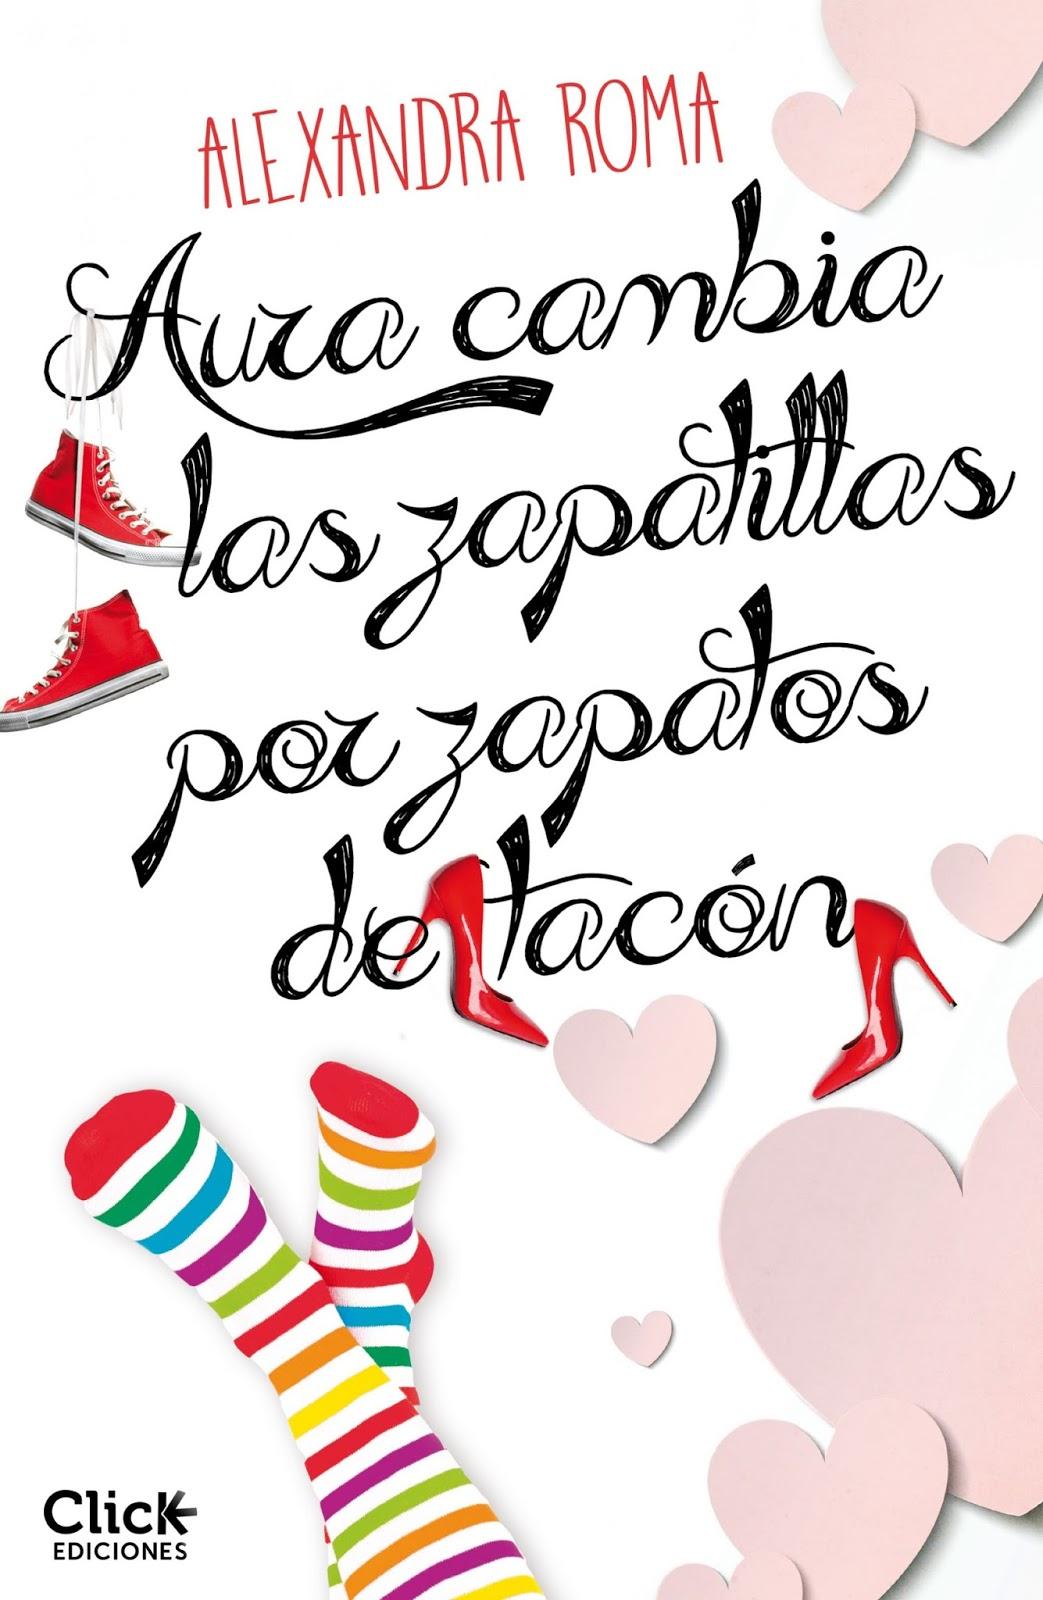 imagenes de zapatillas con tacones - imagenes de zapatillas | Zapatos Tacon Andrea Coleccion Primavera MercadoLibre